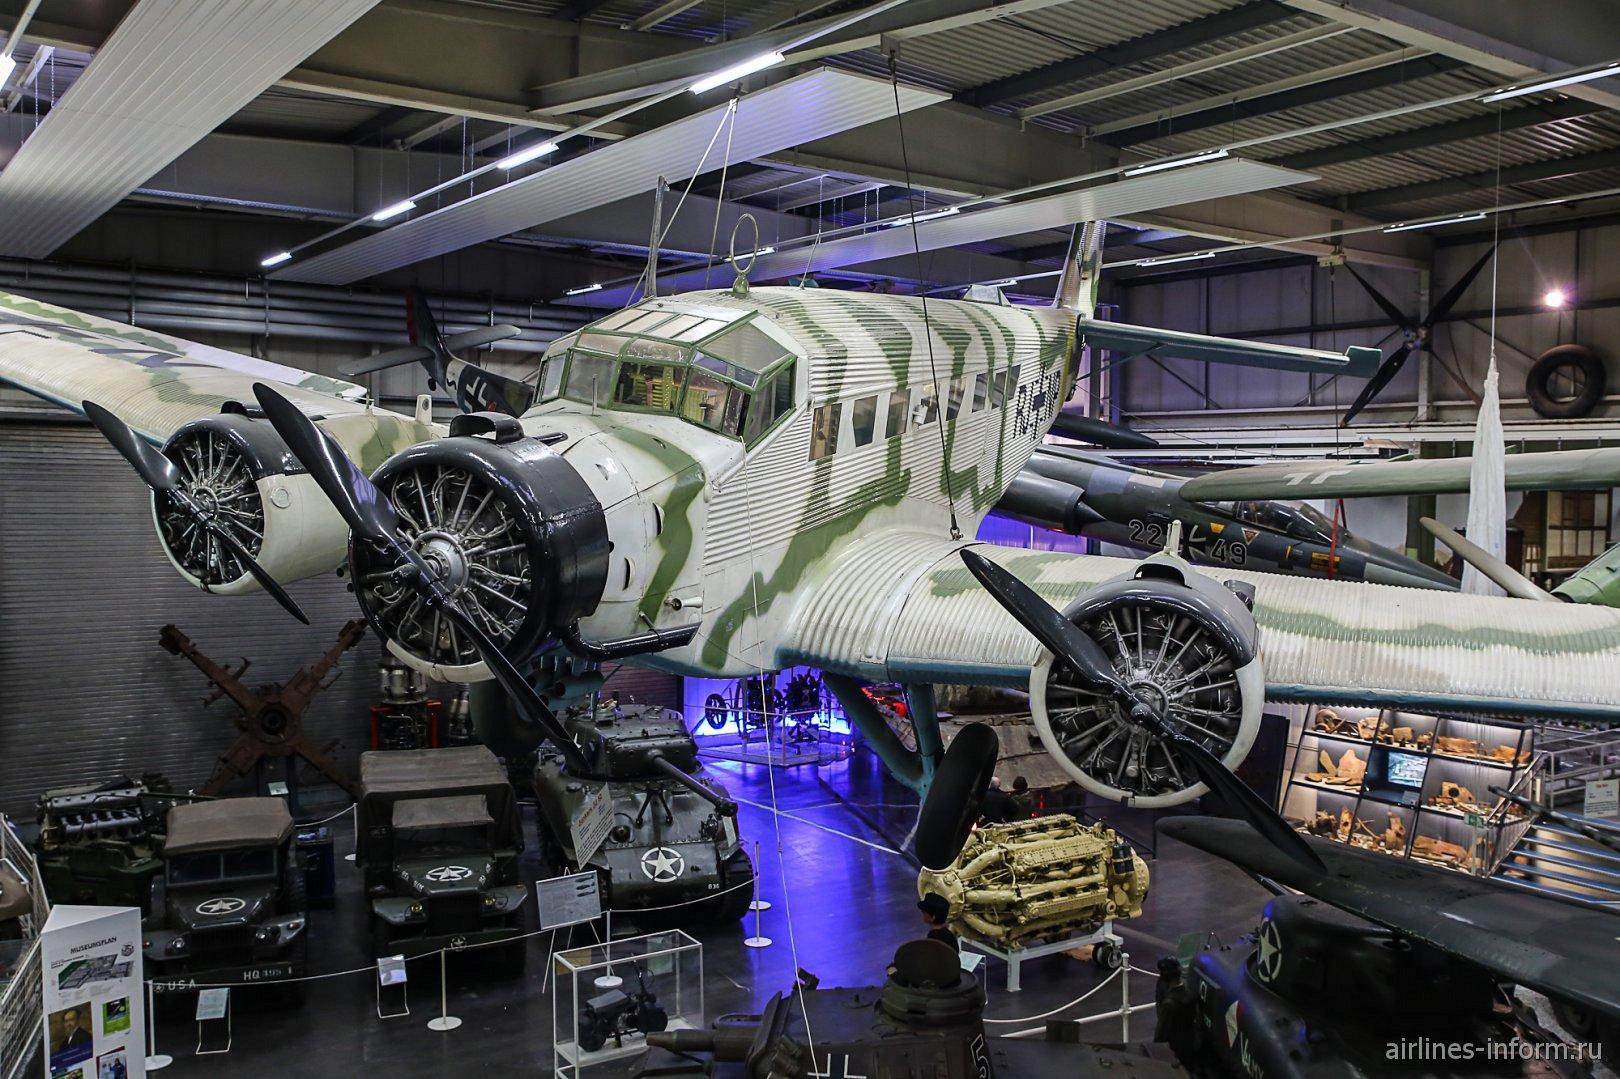 Самолет Юнкерс Ю-52 в музее техники в Зинсхайме